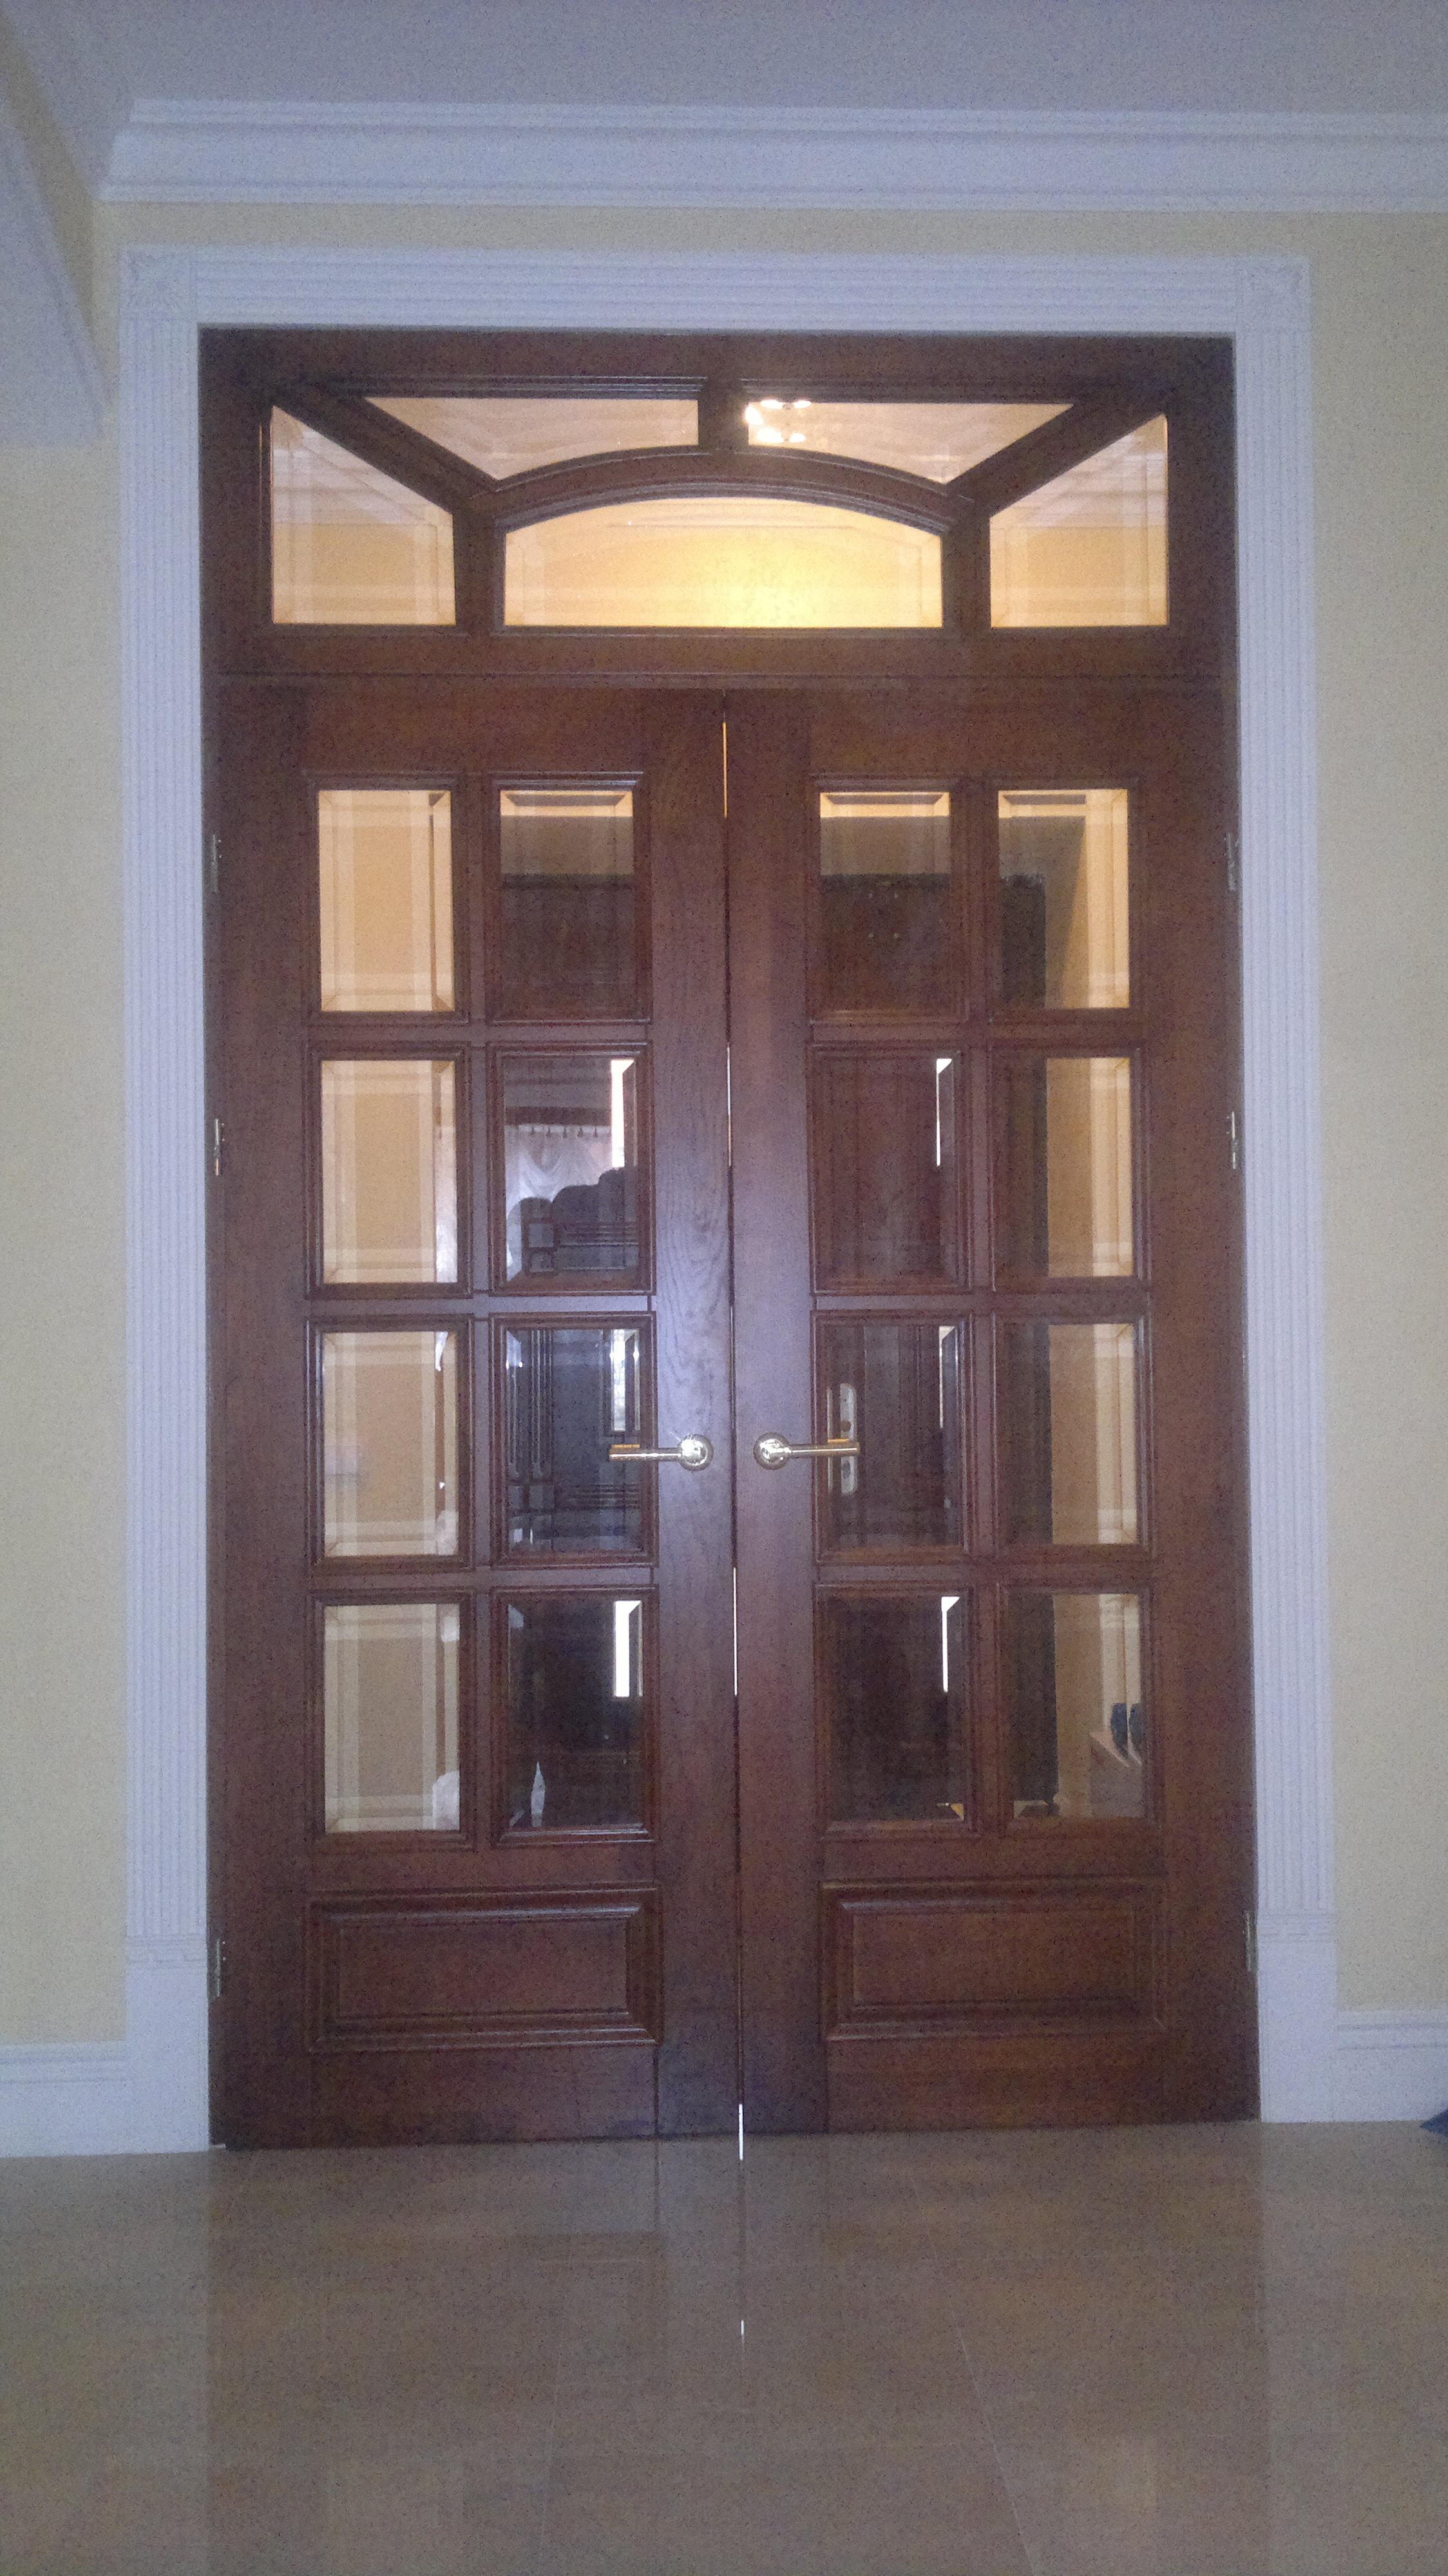 Купити міжкімнатні розпашні дерев'яні двері зі склом